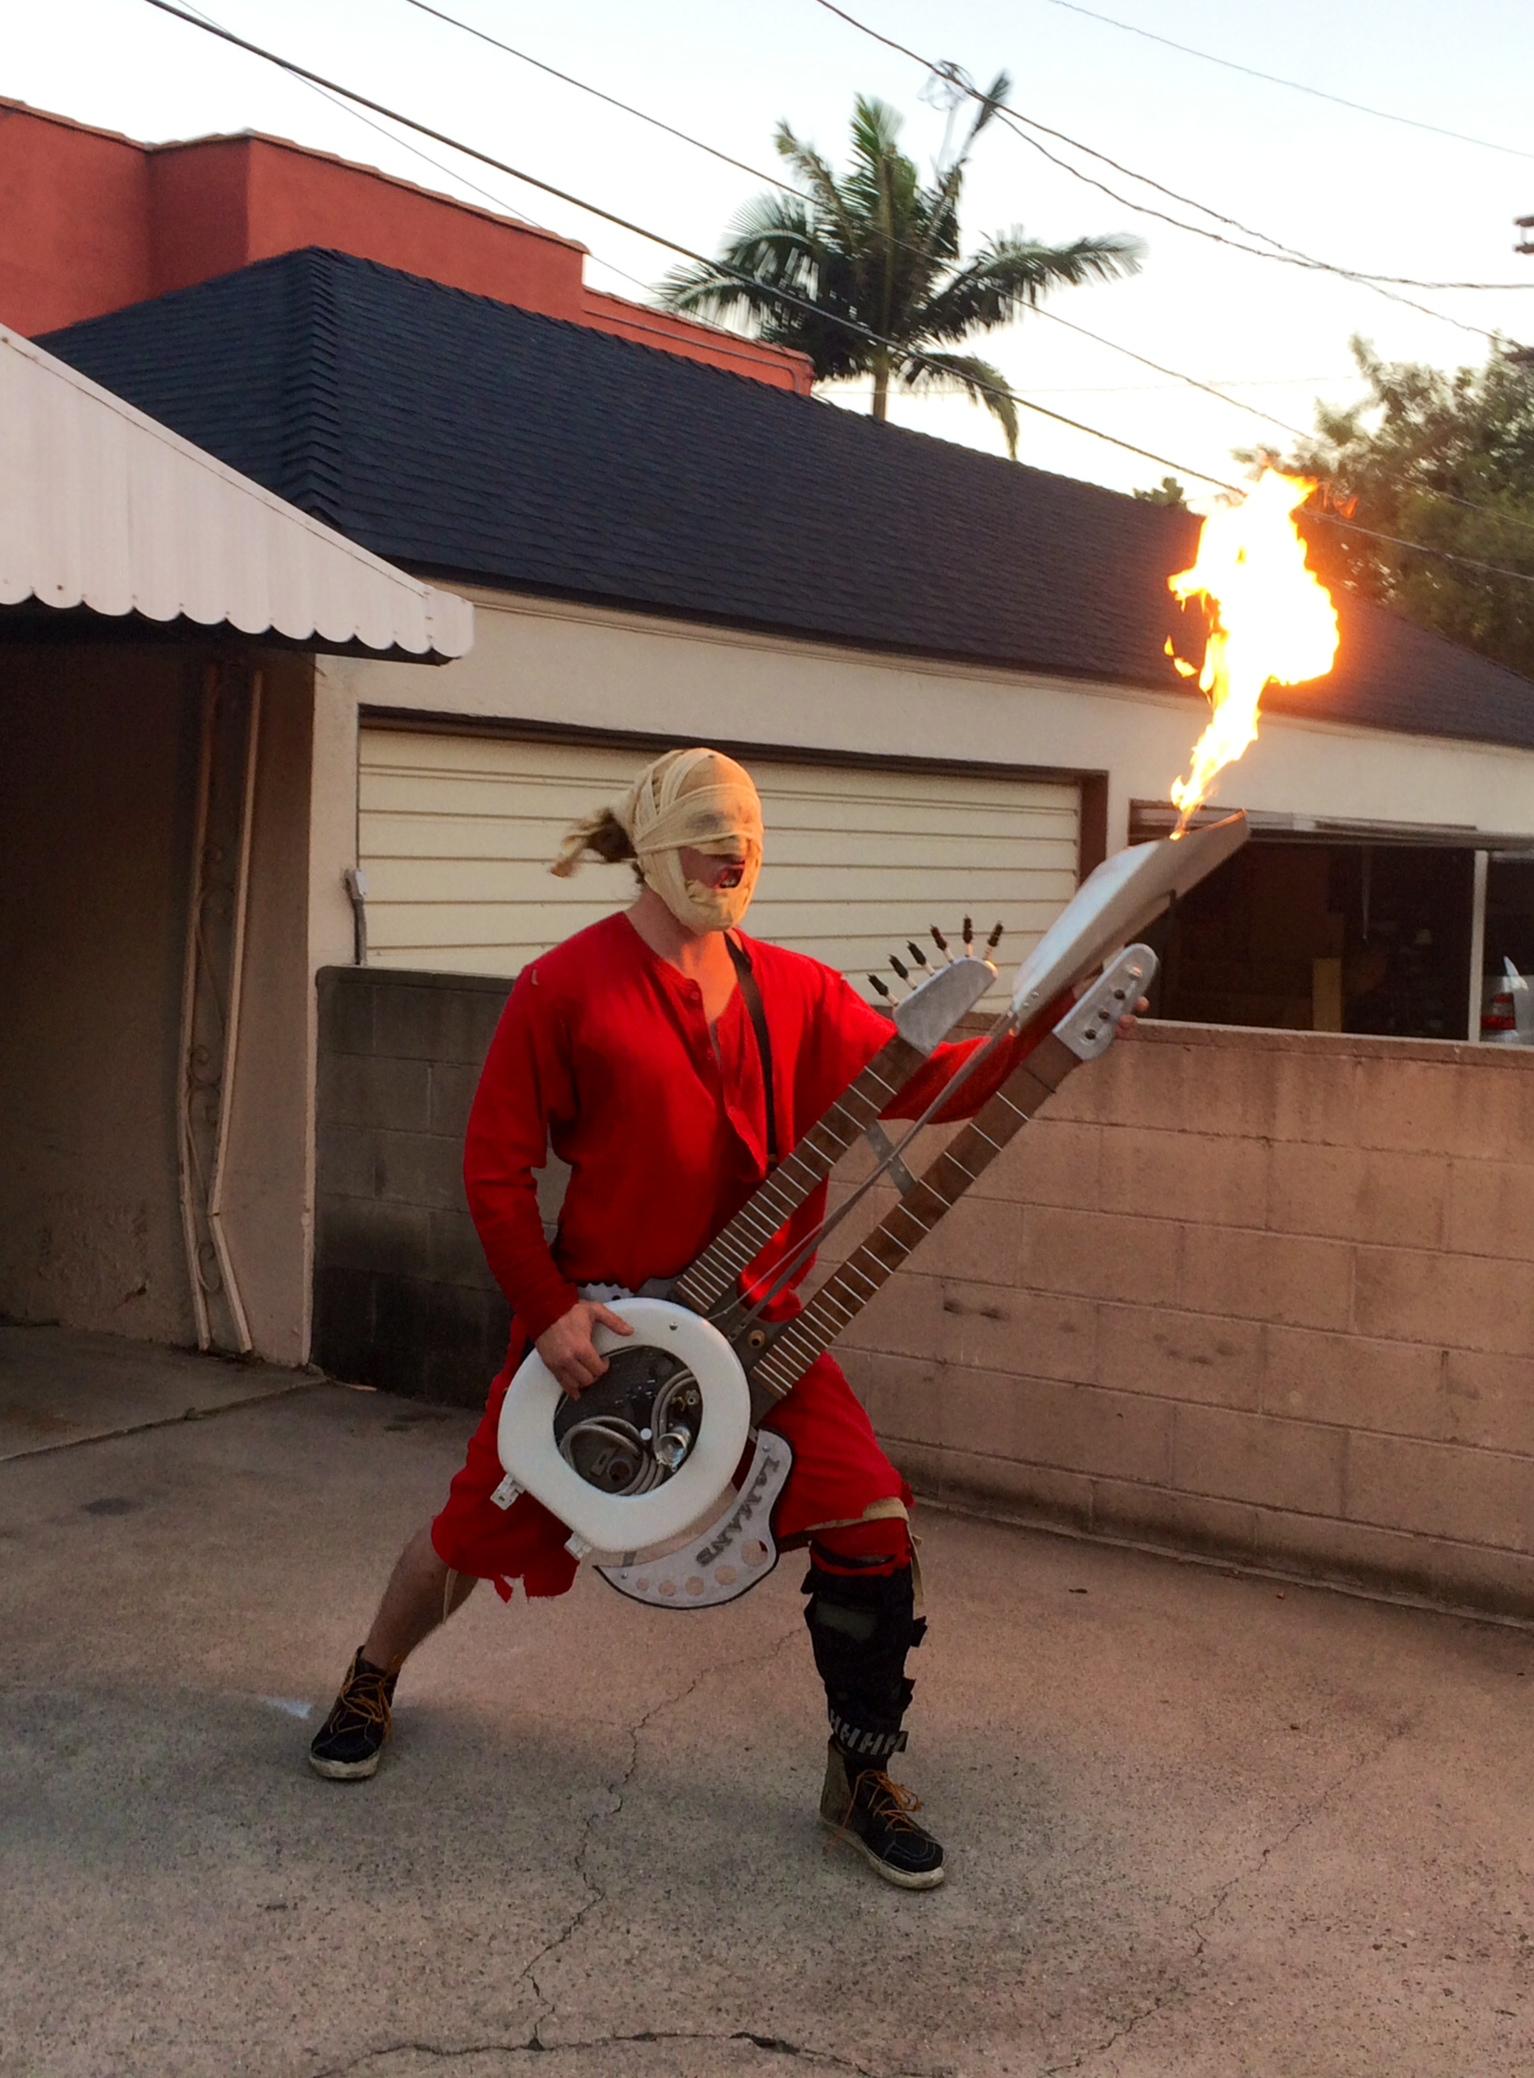 functional Doof Warrior costume